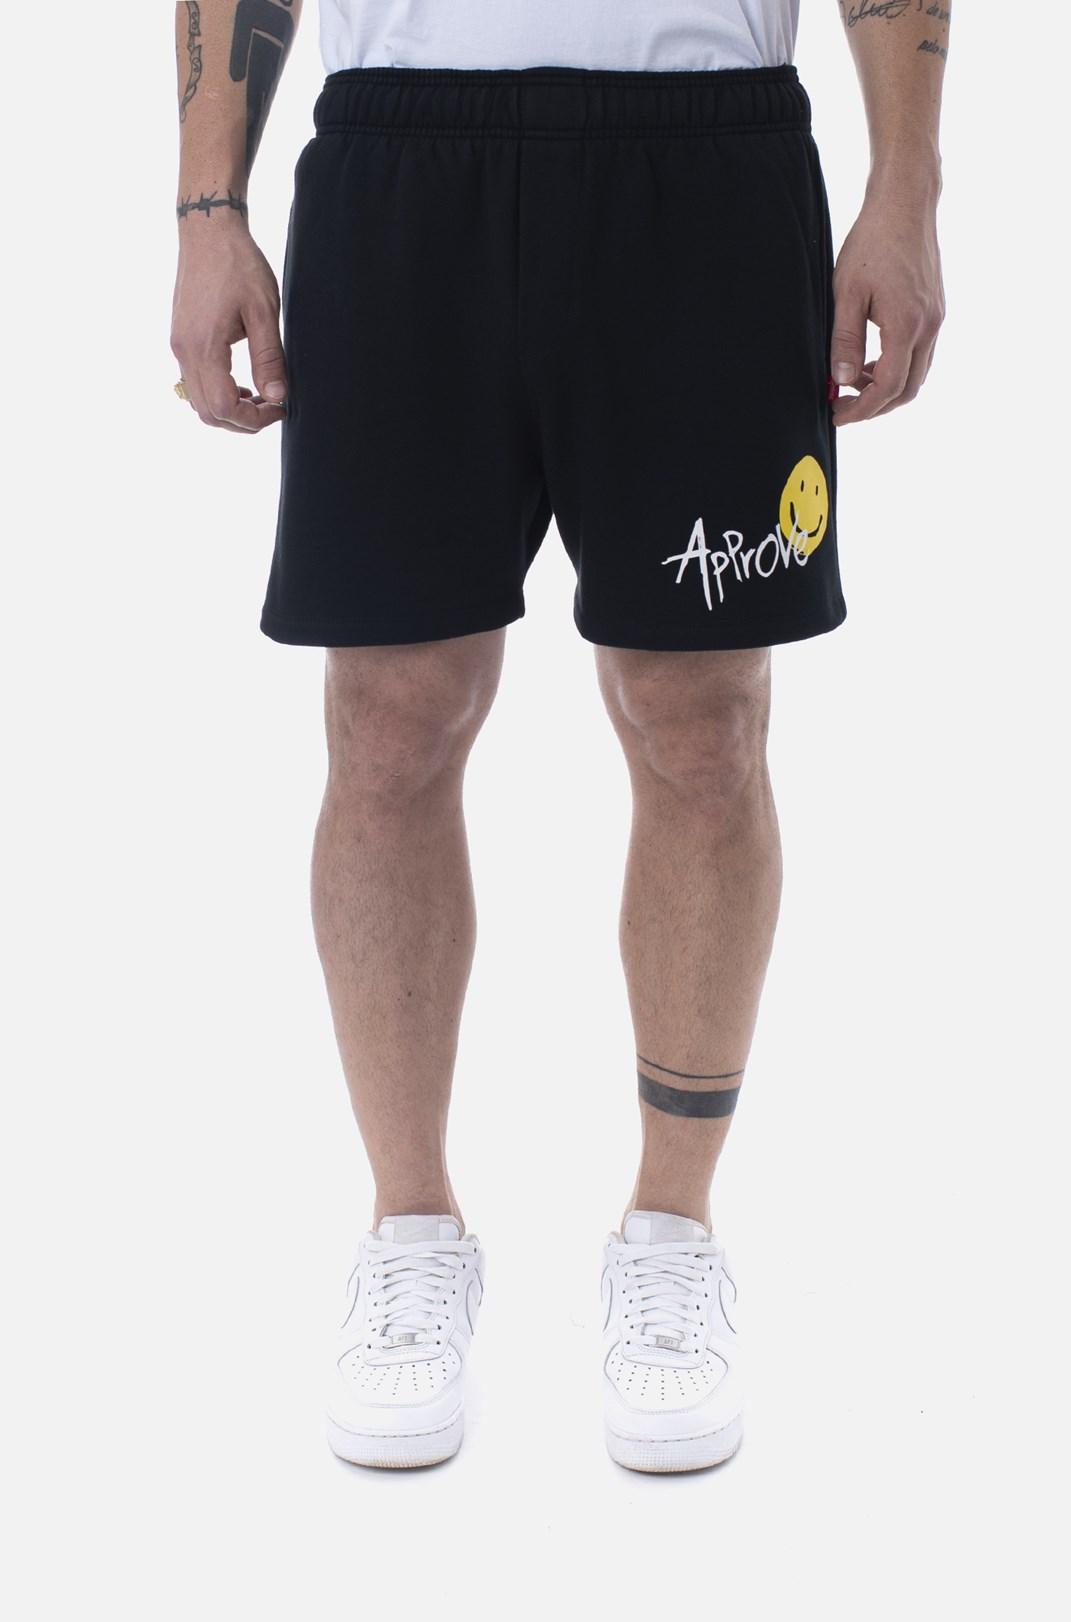 Shorts Moletom Approve Doodle Preto